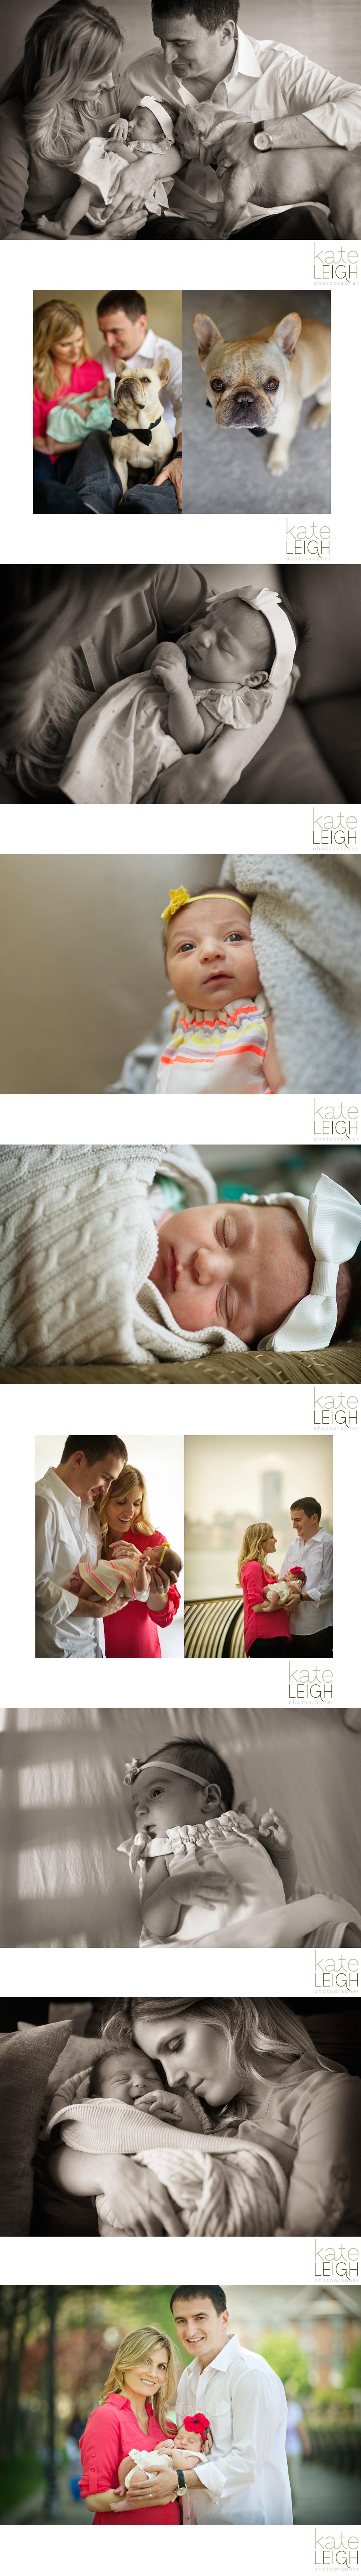 BabyPop.jpg